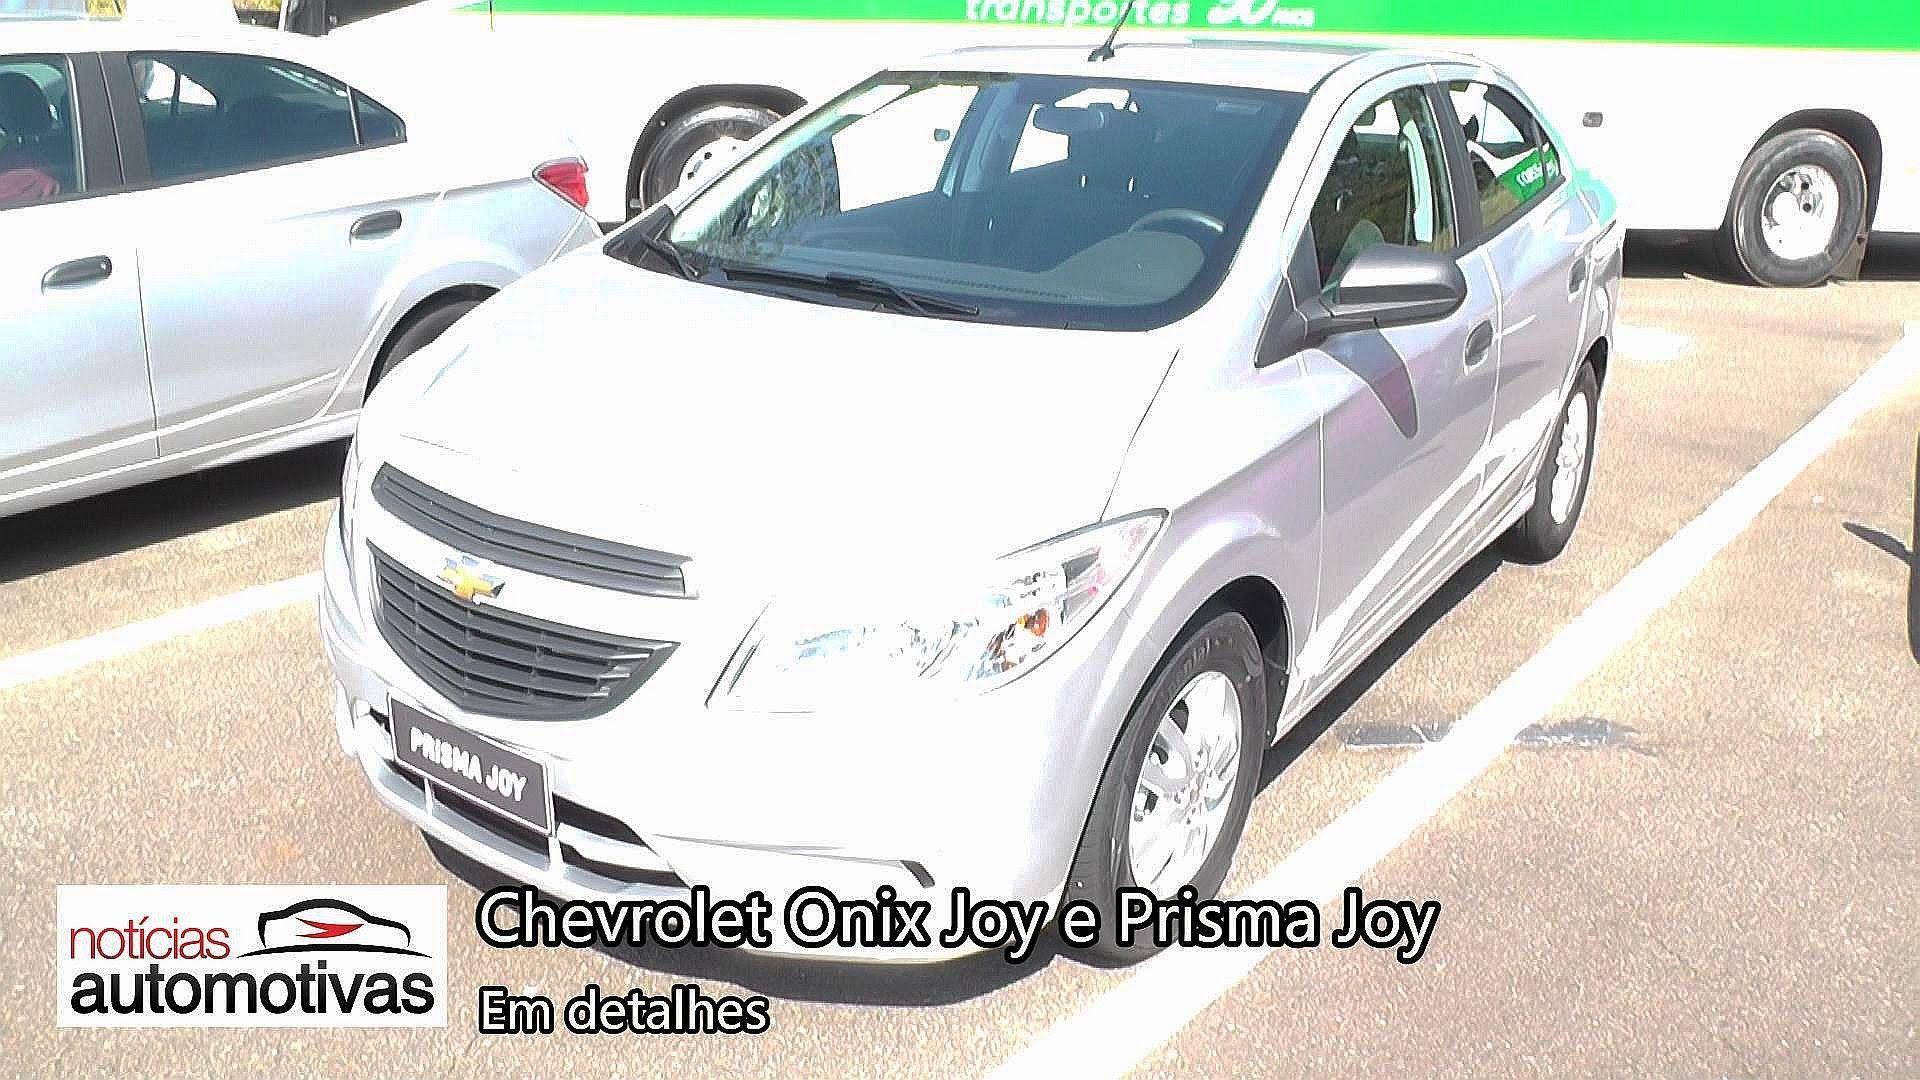 Chevrolet Onix Joy E Prisma Joy Detalhes Noticiasautomotivas Com Br Onix Detalhes